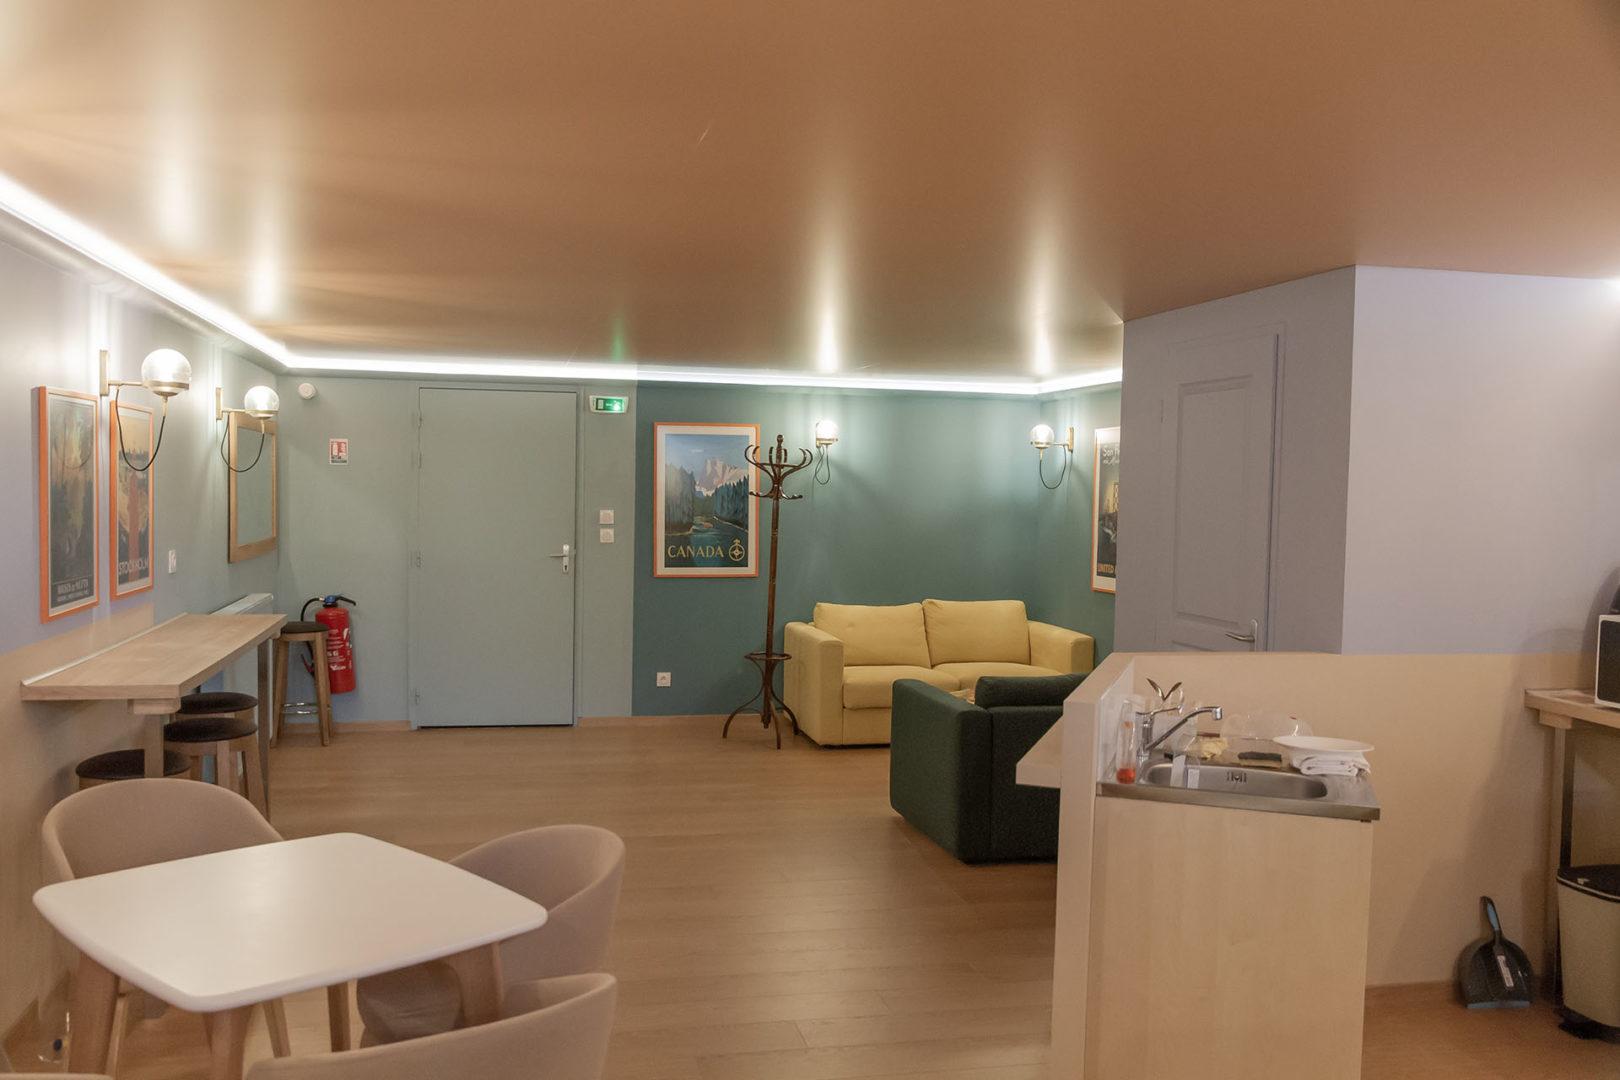 Le Lounge salle de repos - Création La Fabrique Geneviève Naudin